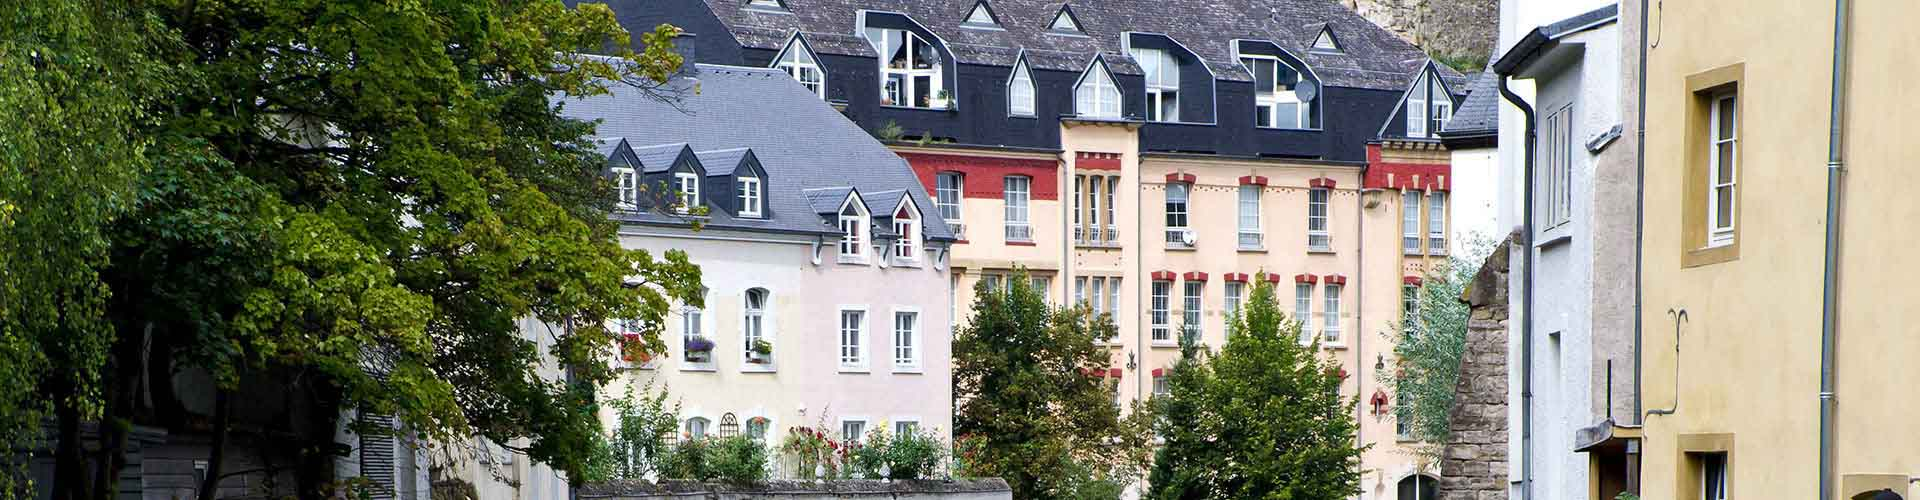 브뤼셀 - Basse Ville지역에 위치한 호텔. 브뤼셀의 지도, 브뤼셀에 위치한 호텔에 대한 사진 및 리뷰.